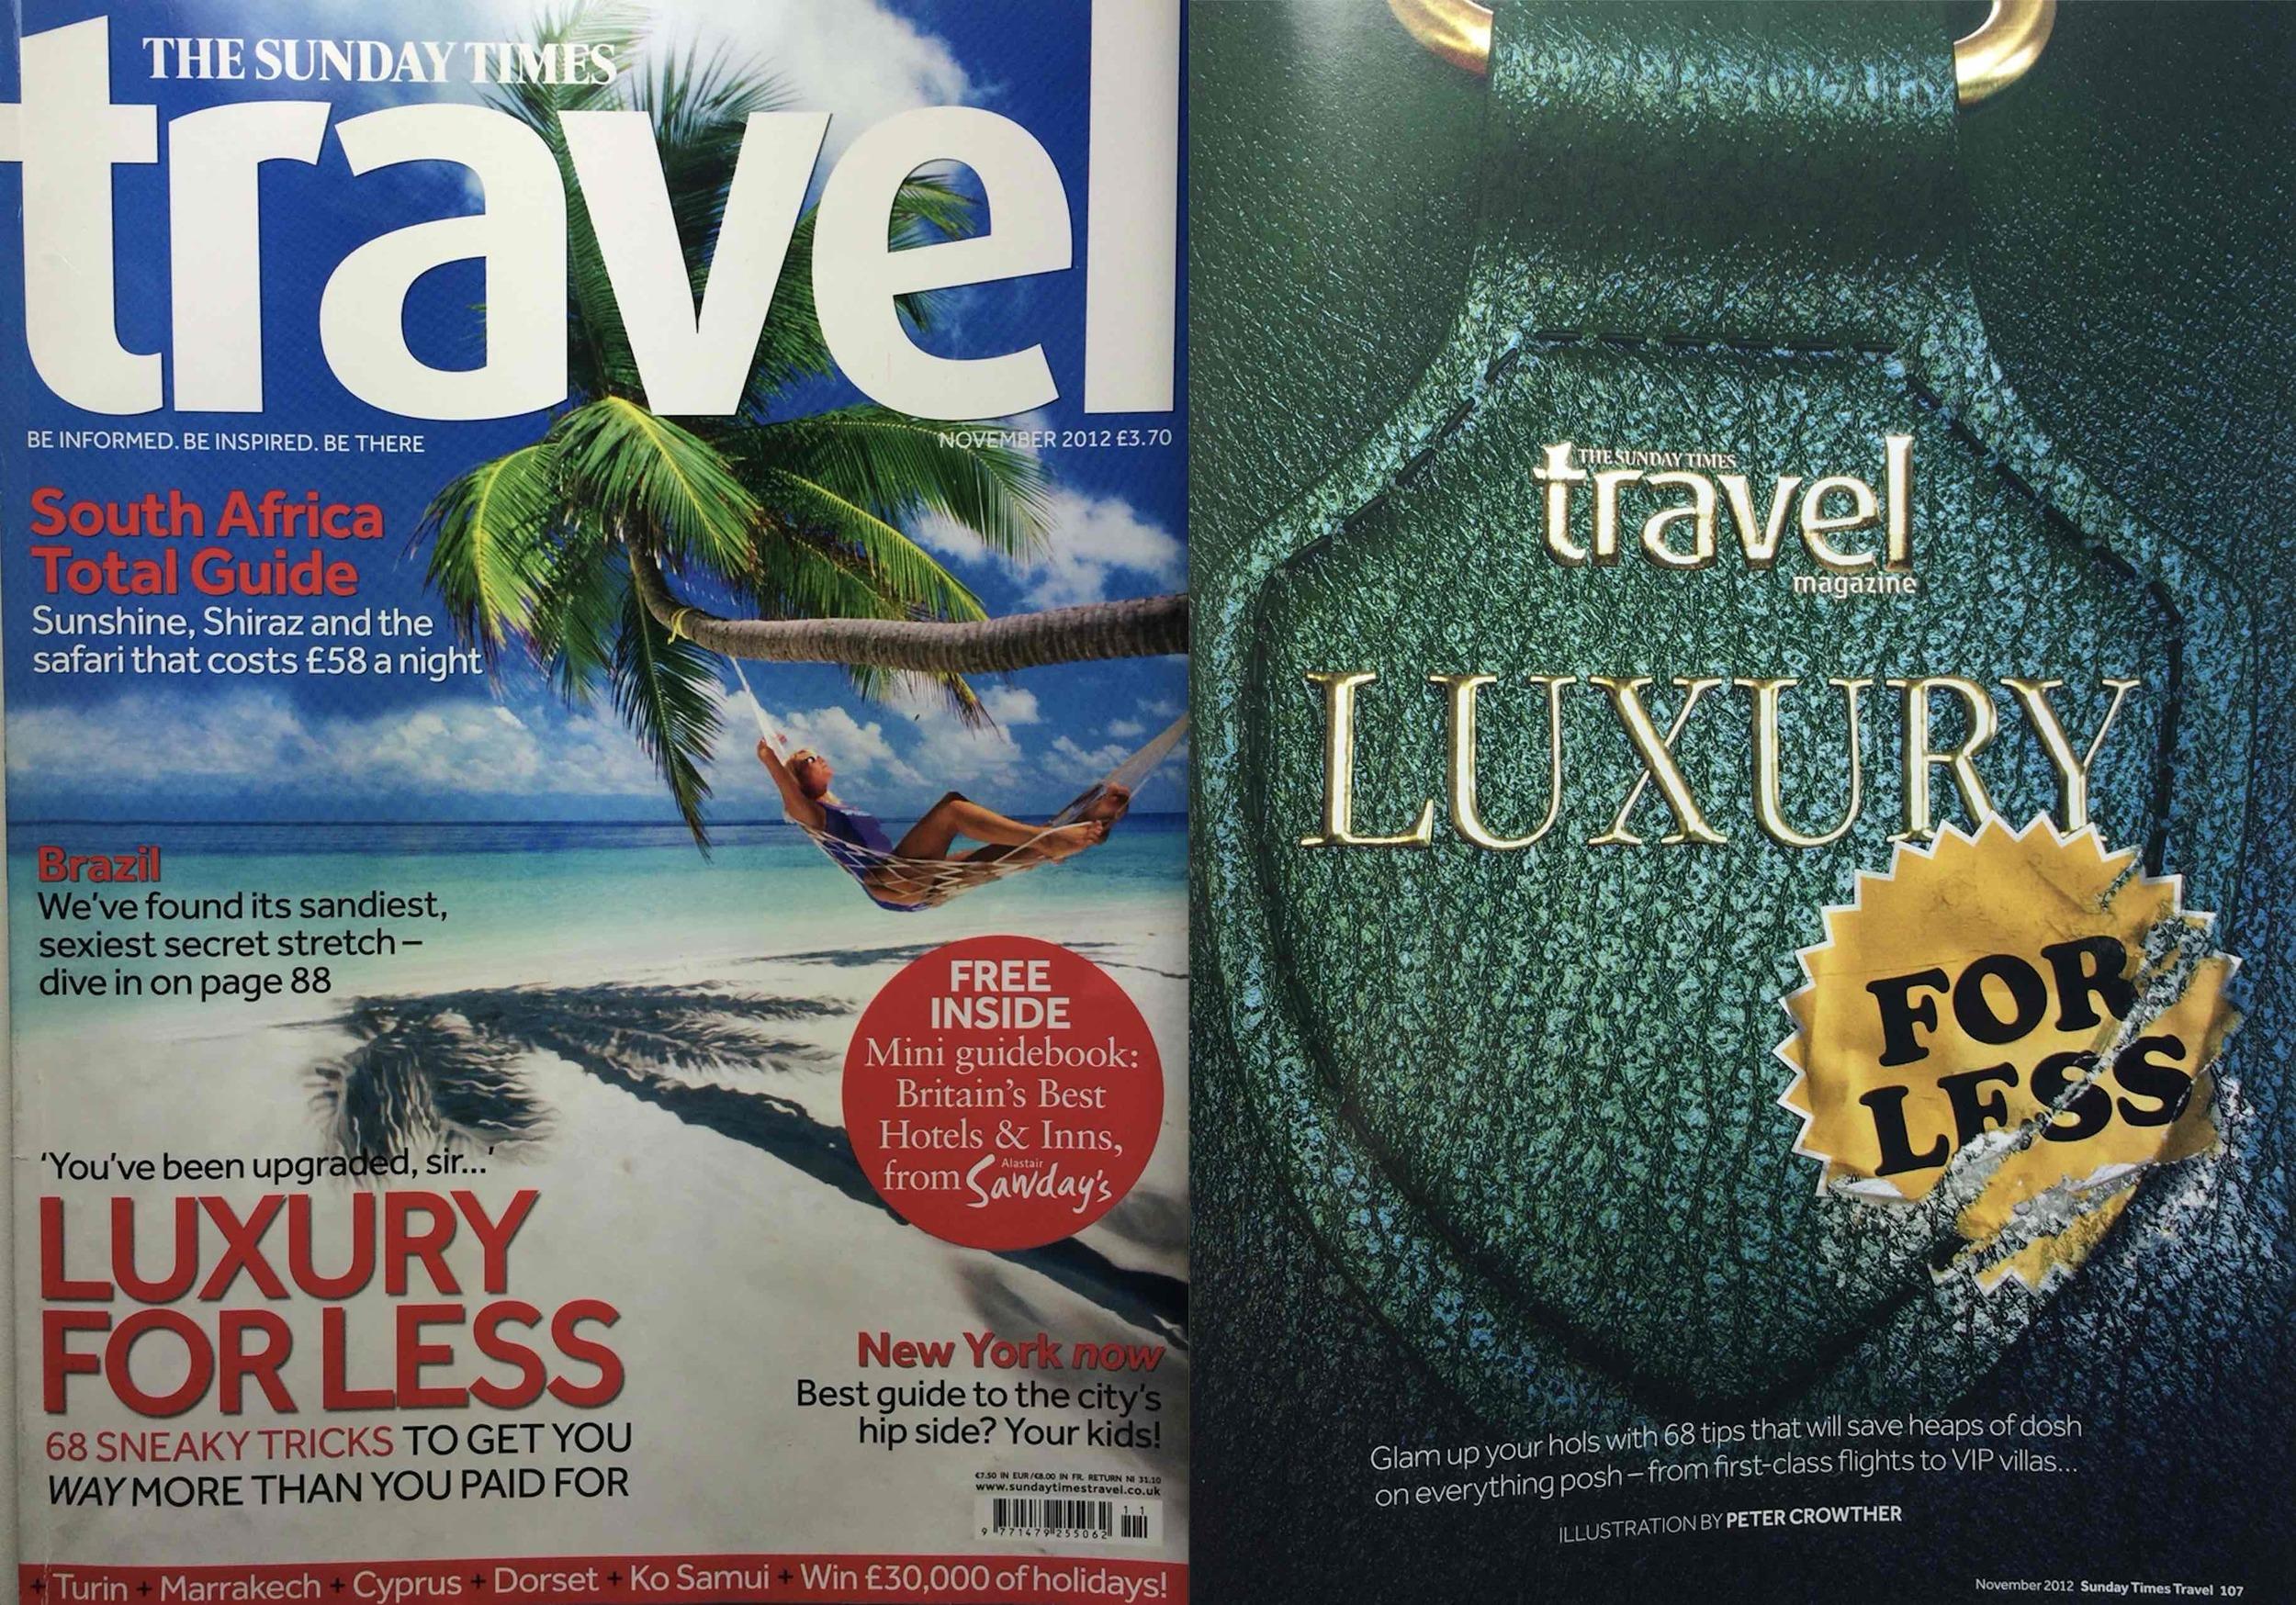 ST Travel luxury for less.jpg